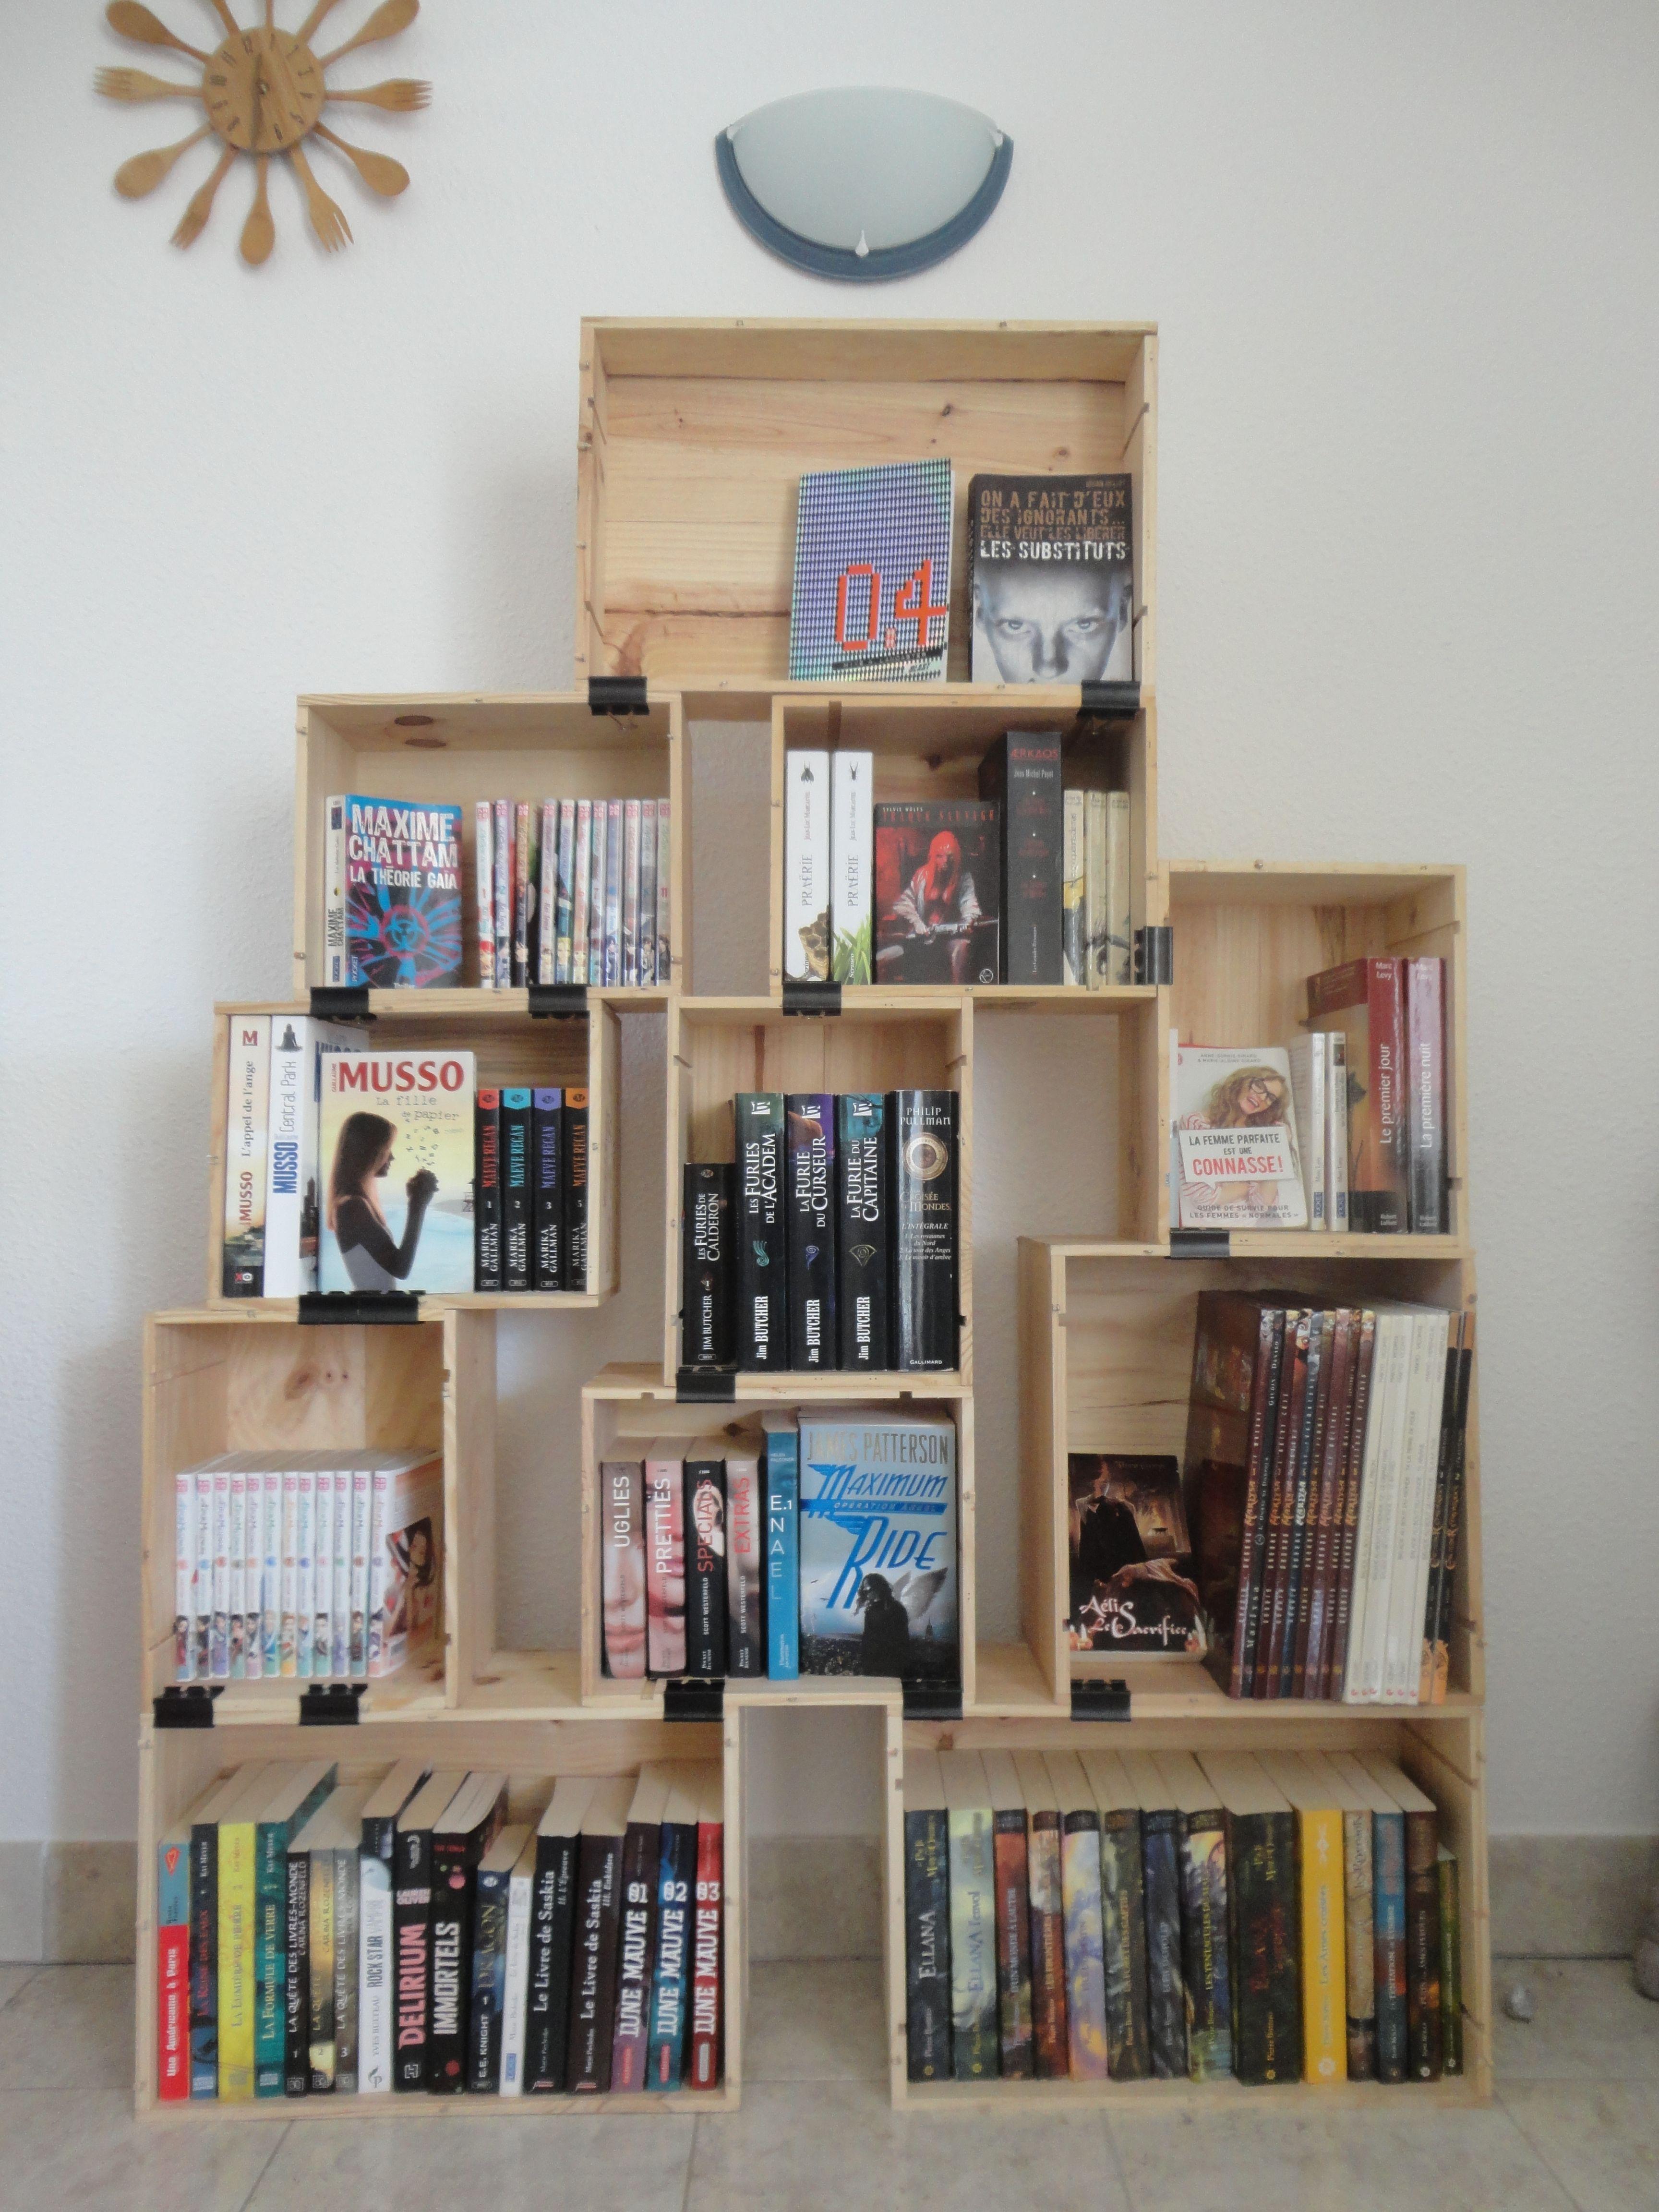 voici ma bibliotheque diy faite avec des caisses de vin en bois et des pinces de bureau deco caisse de vin caisse a vin meubles en caisse